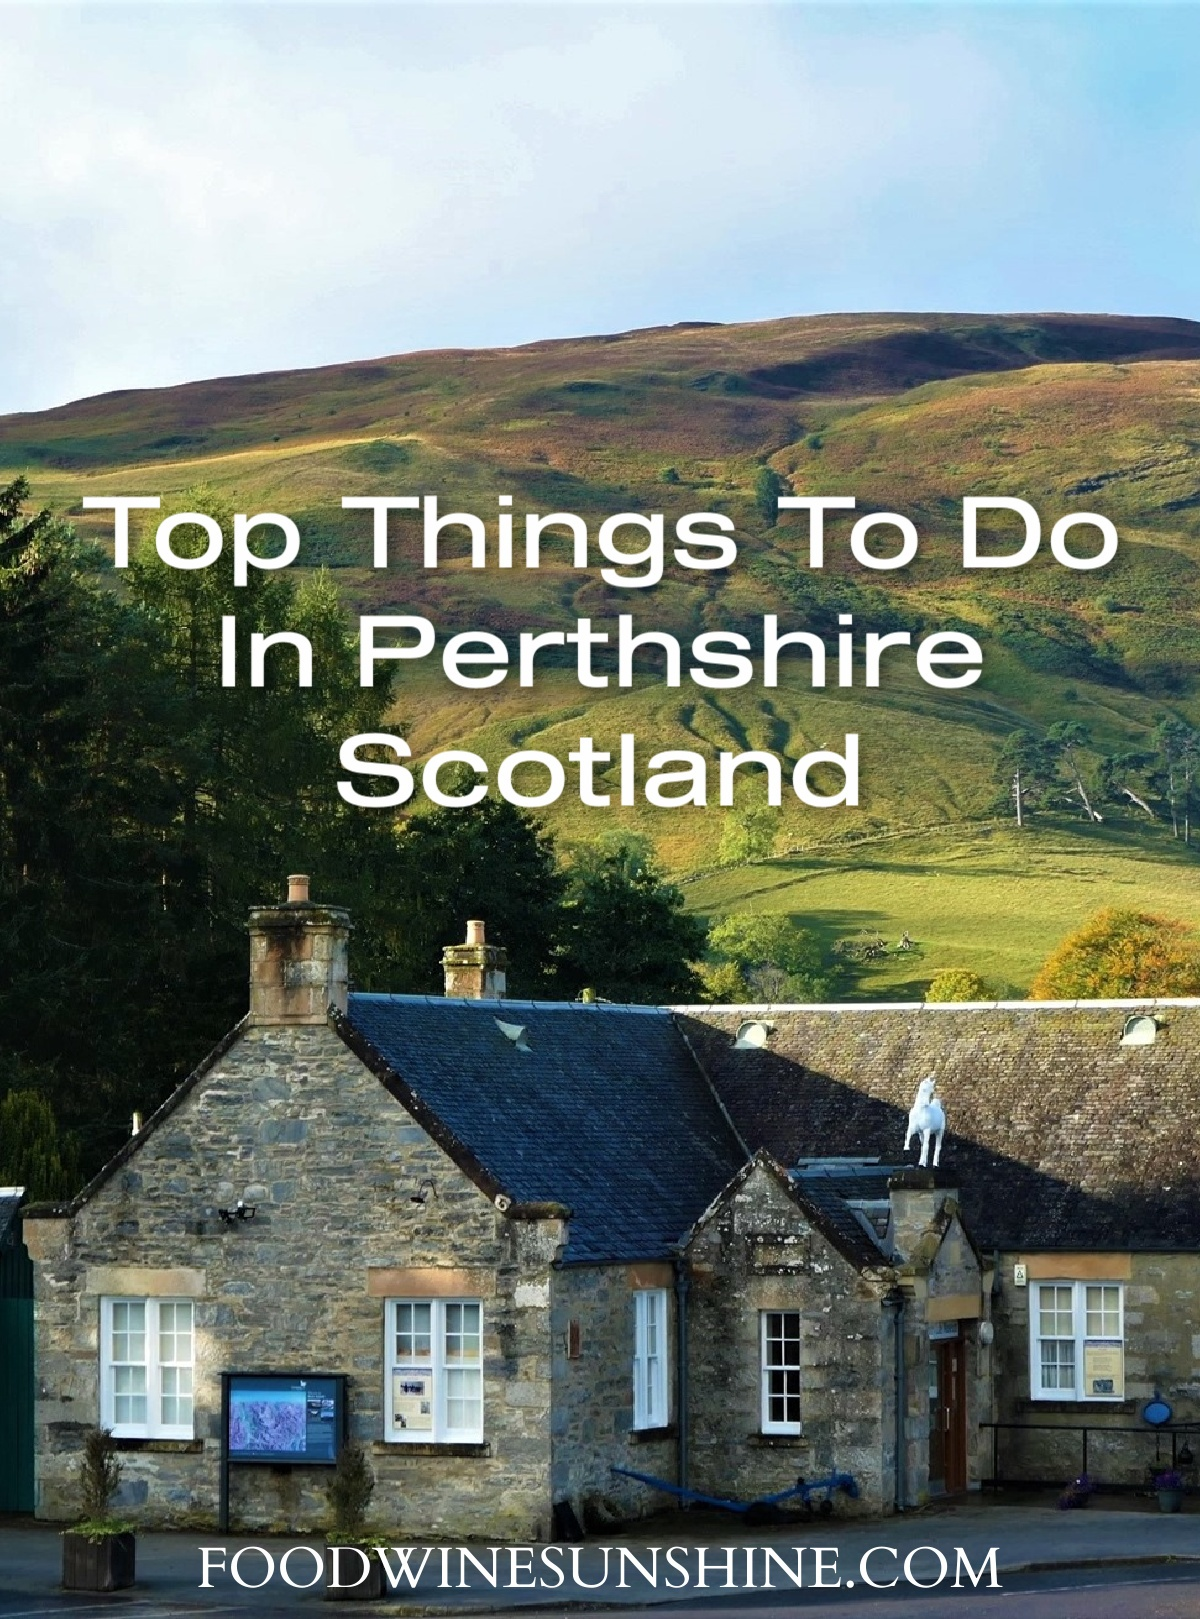 Visting Perthshire Scotland